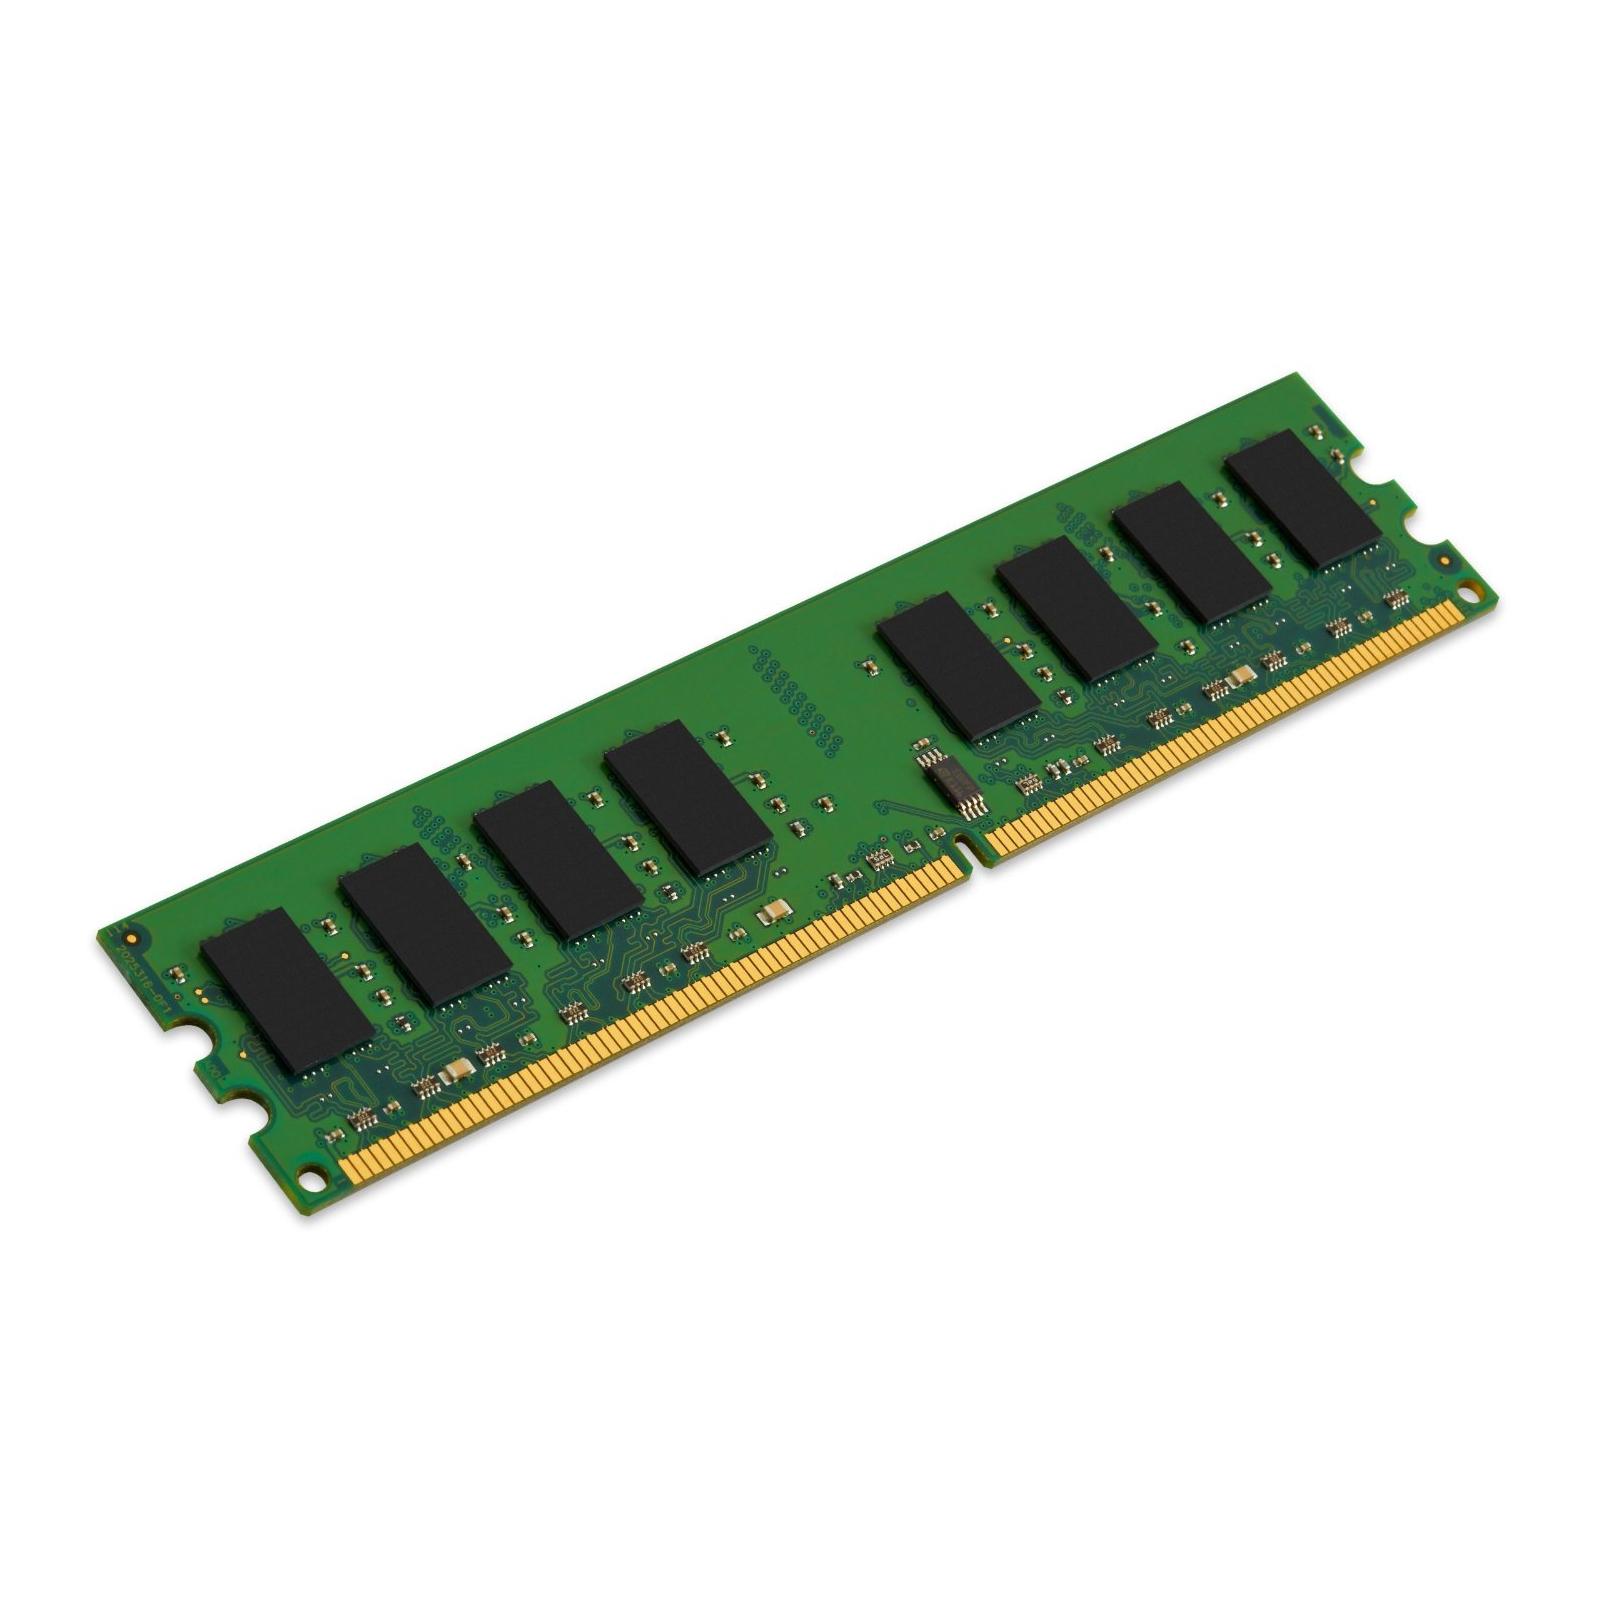 Модуль памяти для компьютера 1024Mb Kingston (KVR800D2N6/1GBK)